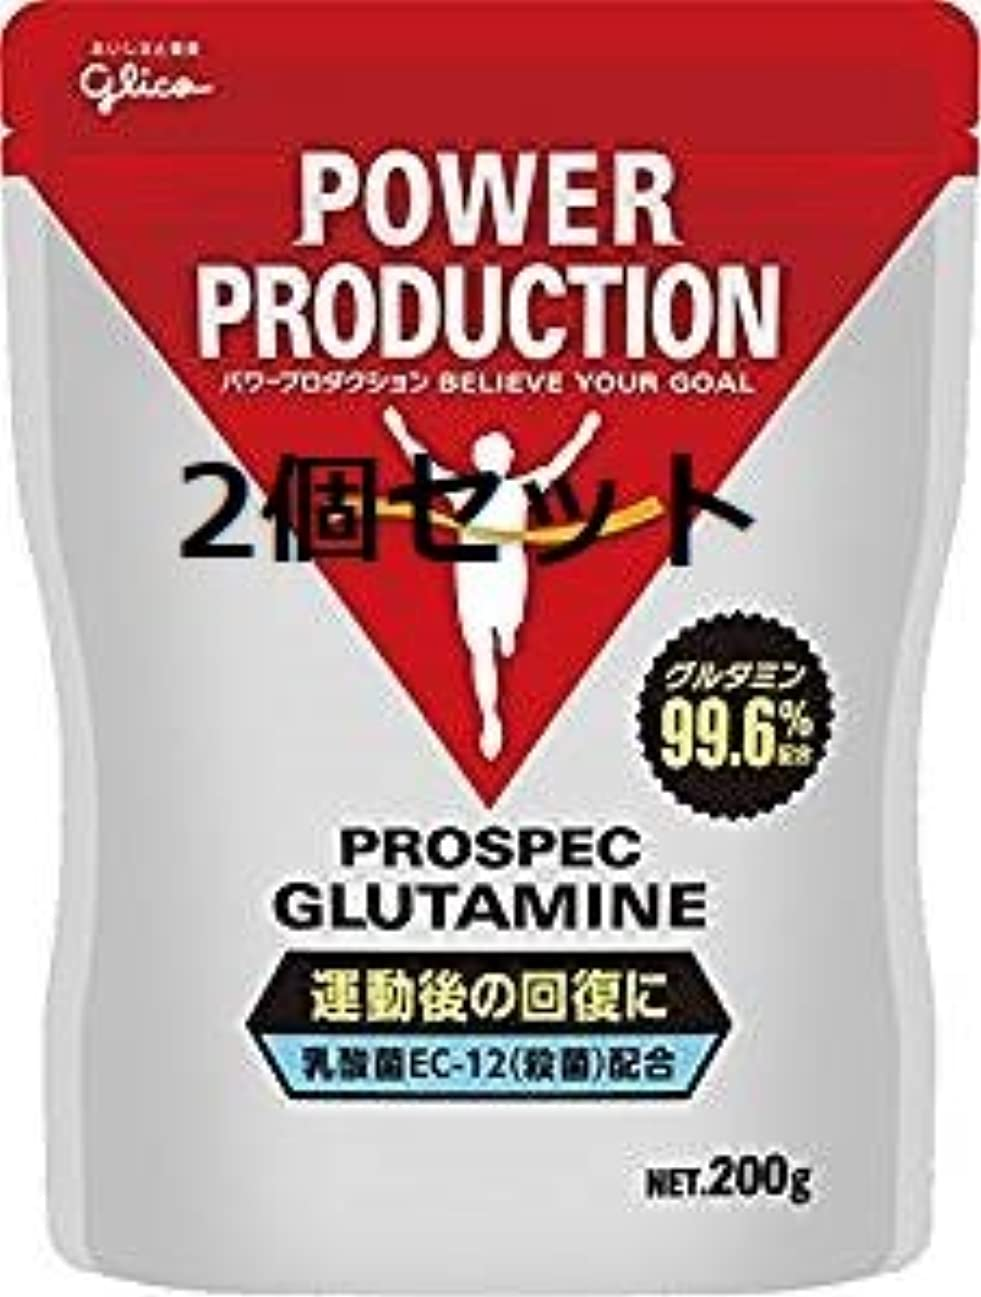 私たちのもの描くブランド名グリコ パワープロダクション グルタミンパウダー 200g ×2個???